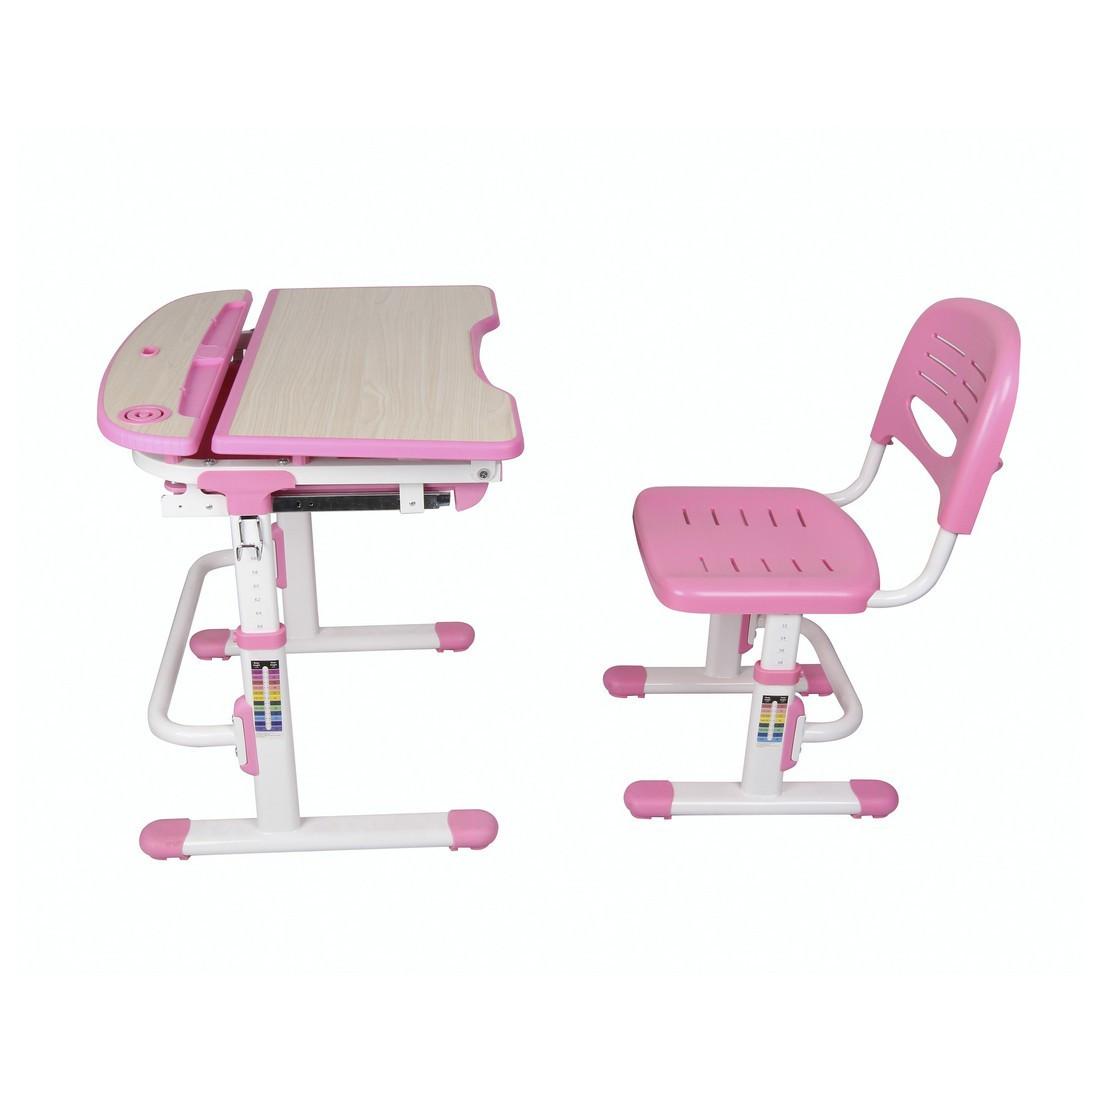 Парта-трансформер детская Deluxe DLCD-C304P, Материал: Пластик, металл, Цвет: Розовый